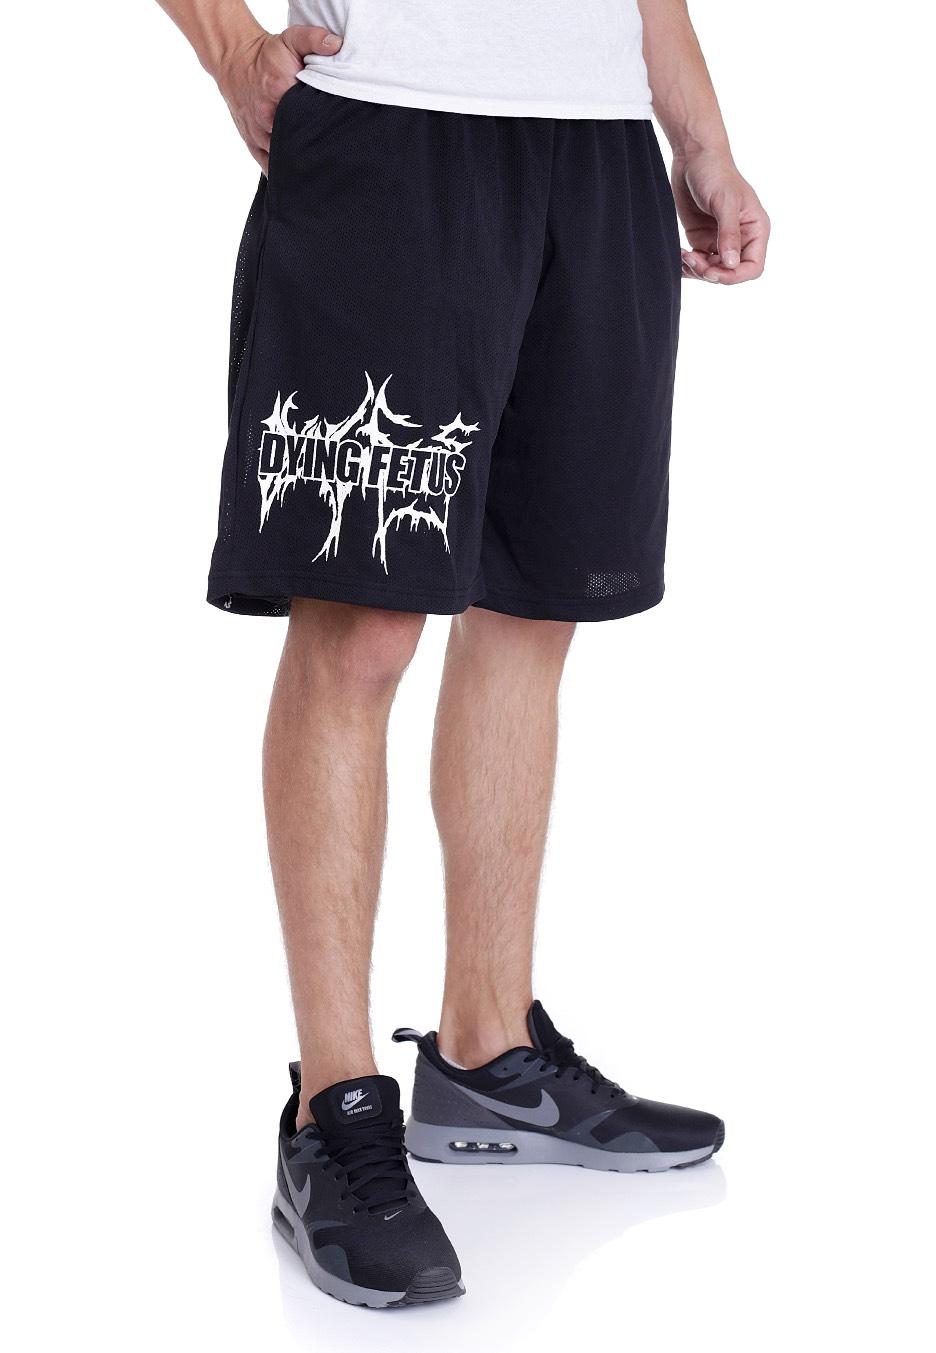 dying fetus dual logo shorts impericoncom worldwide